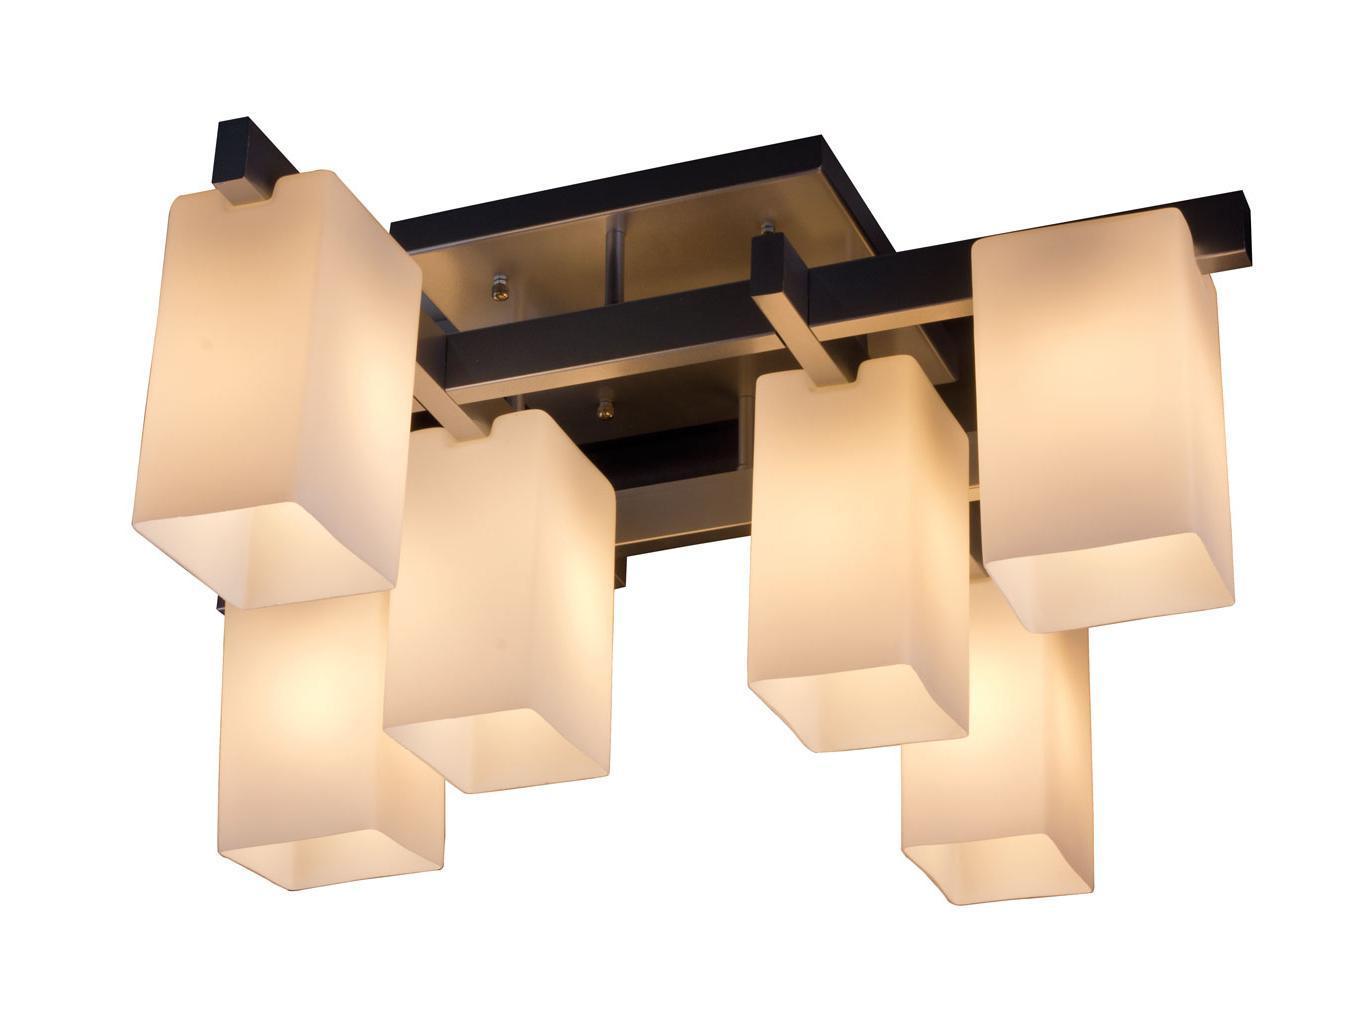 Потолочный светильник ST Luce SL541 102 06SL541 102 06SL541.102.06 от итальянской фабрики ST Luce — синоним непревзойденной роскоши. Данная модель является отличным примером сочетания изысканности и шикарности.